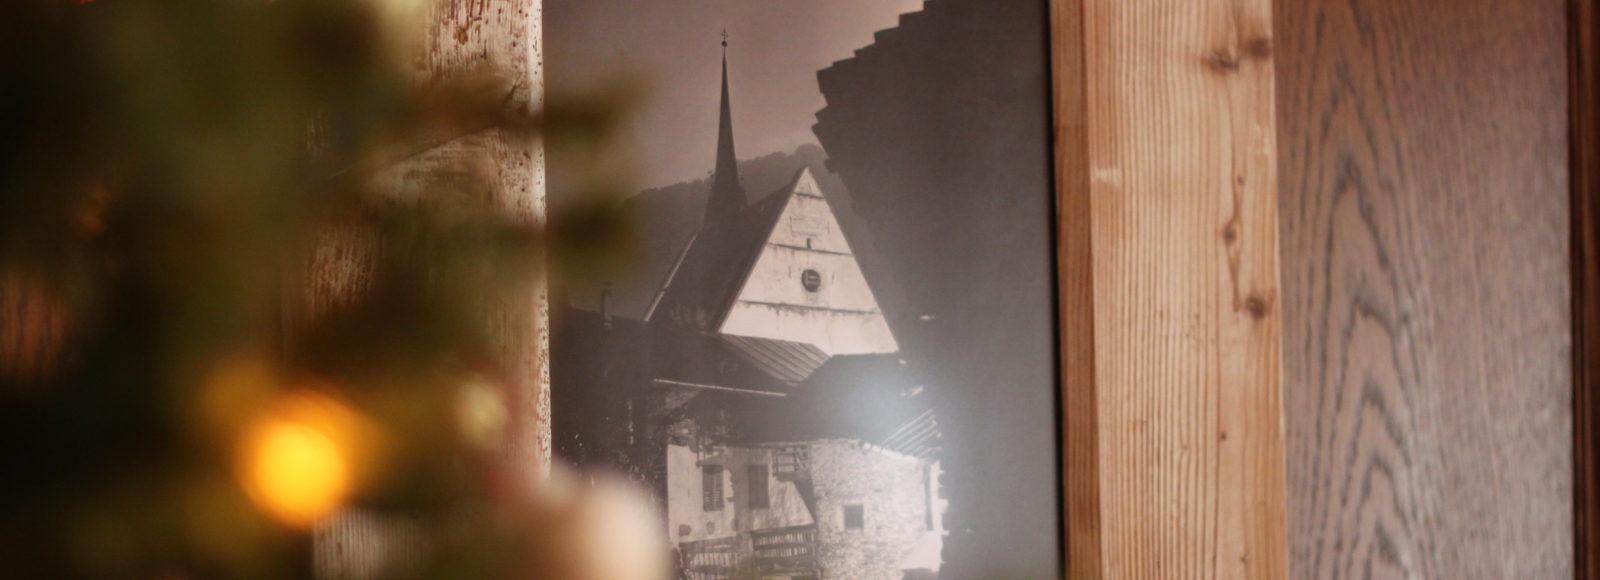 Aspettando il Natale - Hotel Isolabella Primiero - Trentino